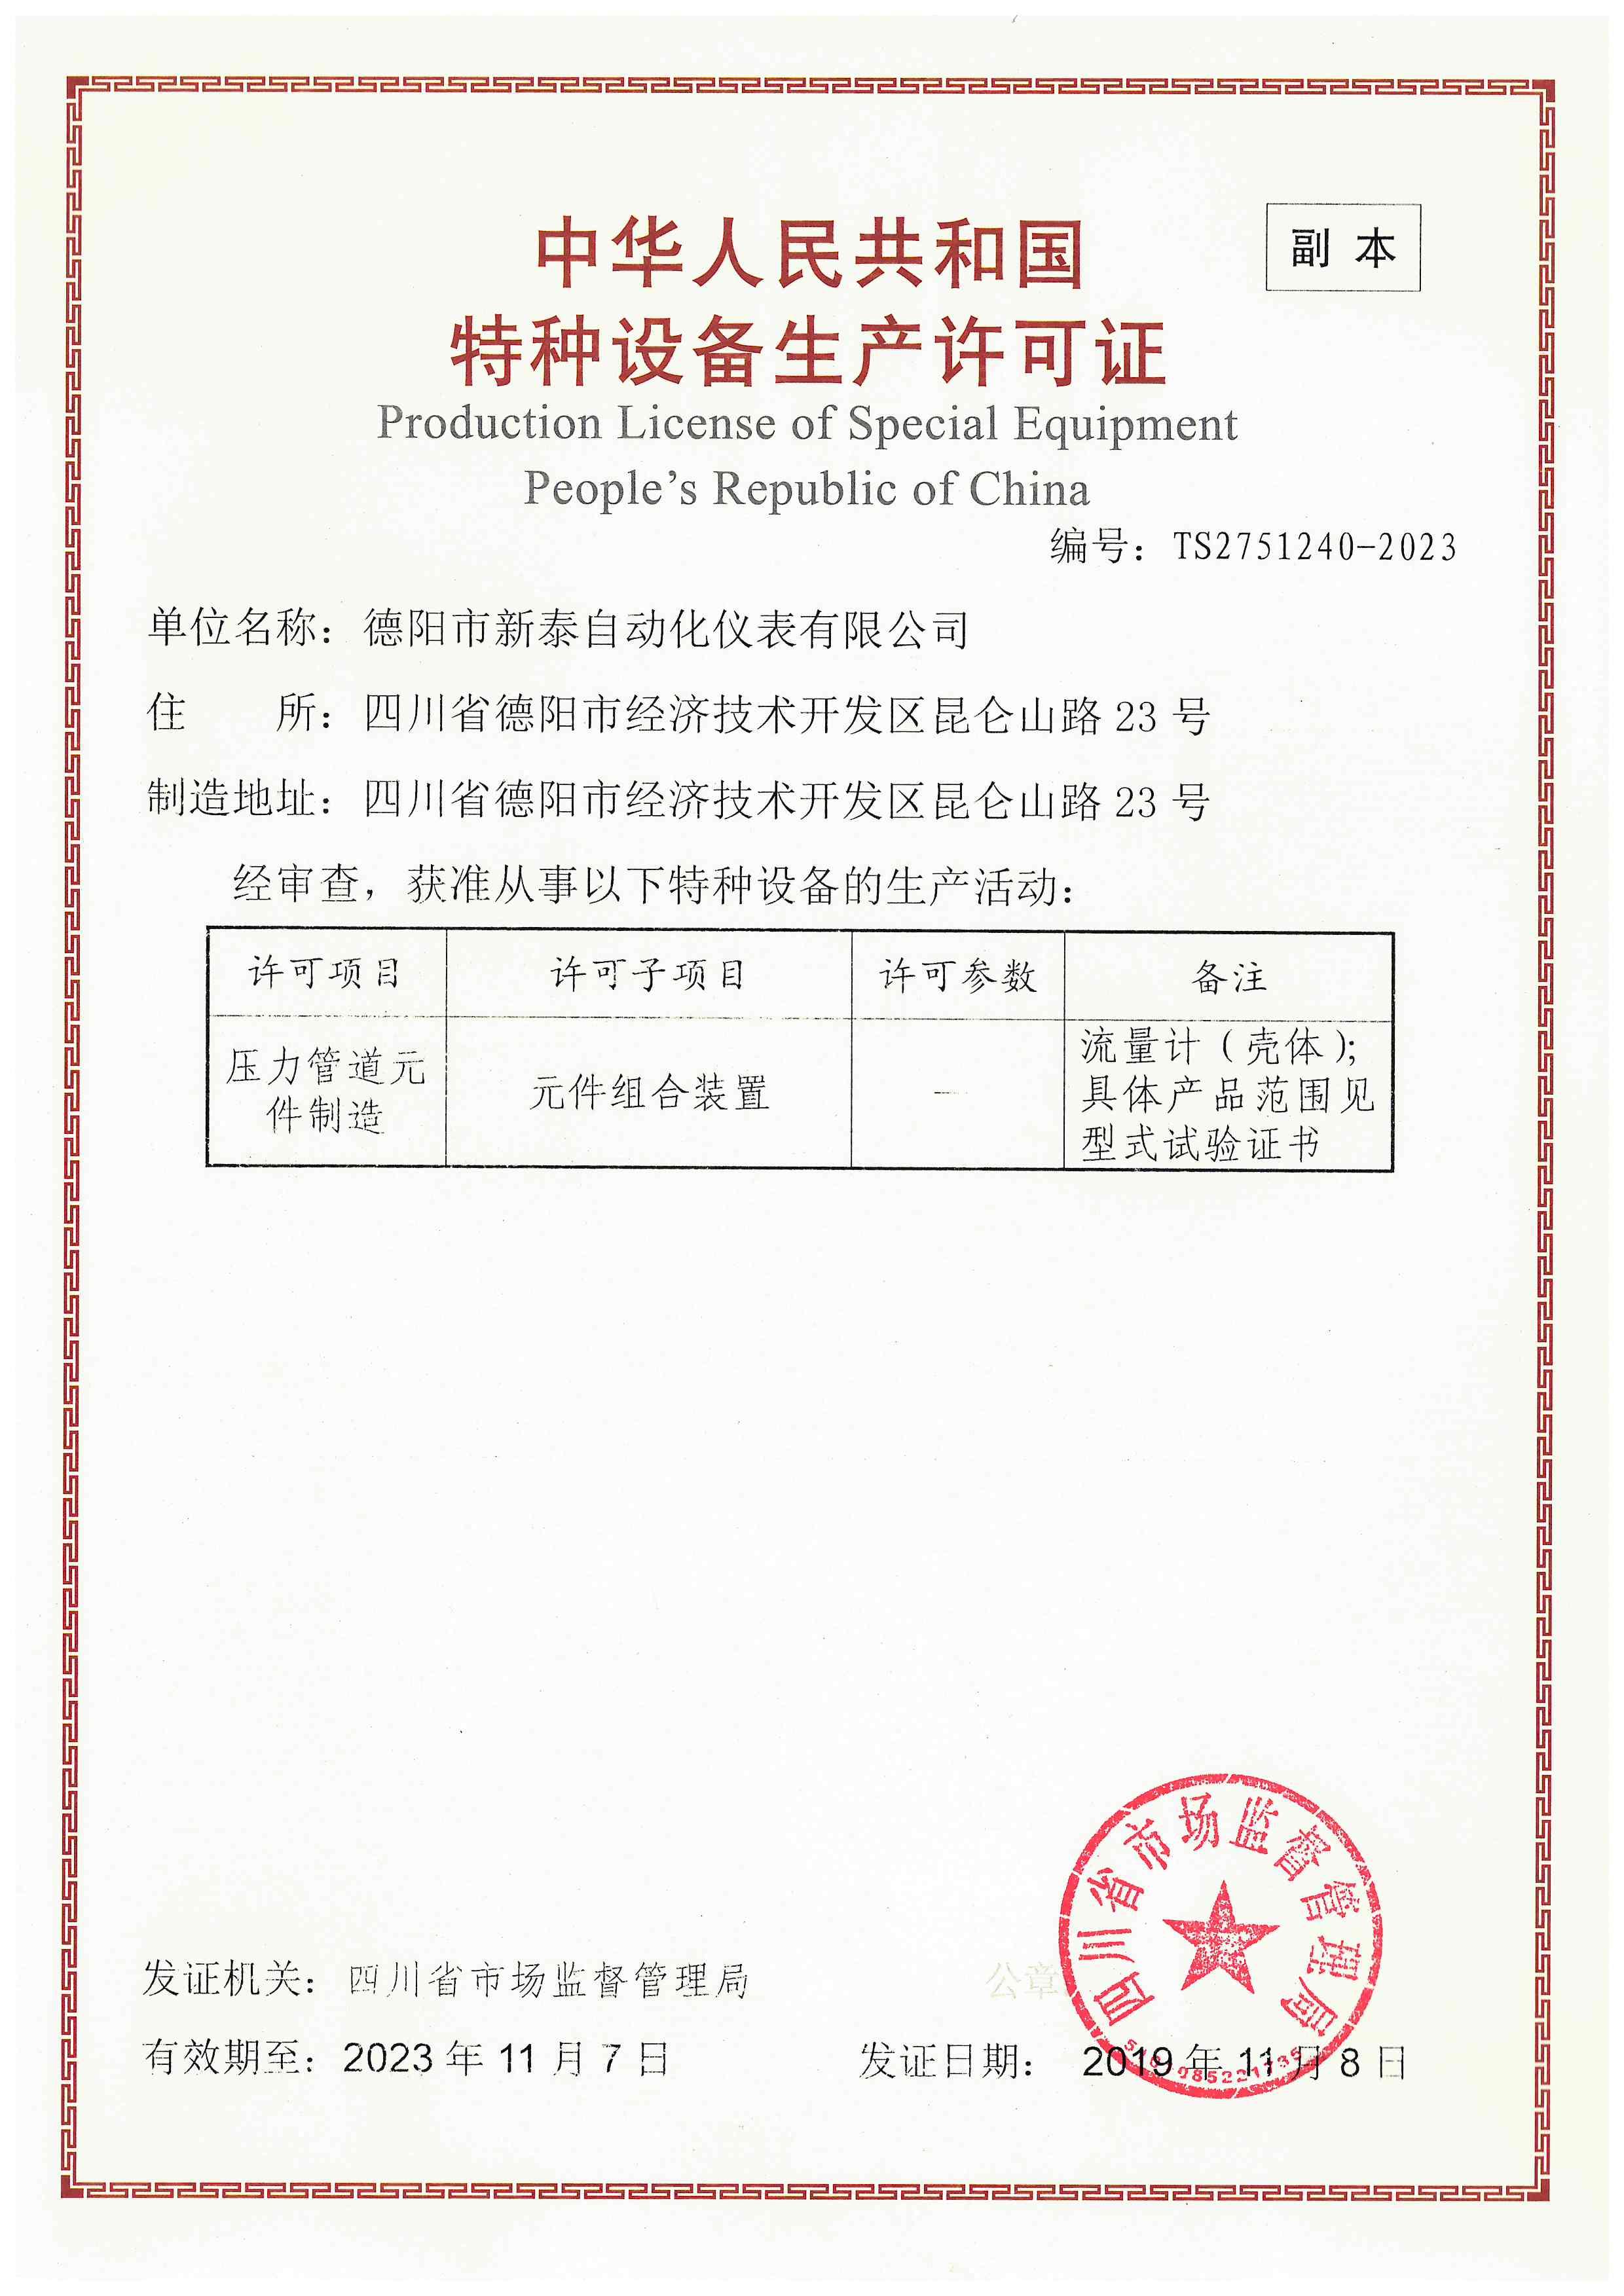 日本avapp下载资质证书-特种设备制造许可证--元件组合装置-流量计-副本